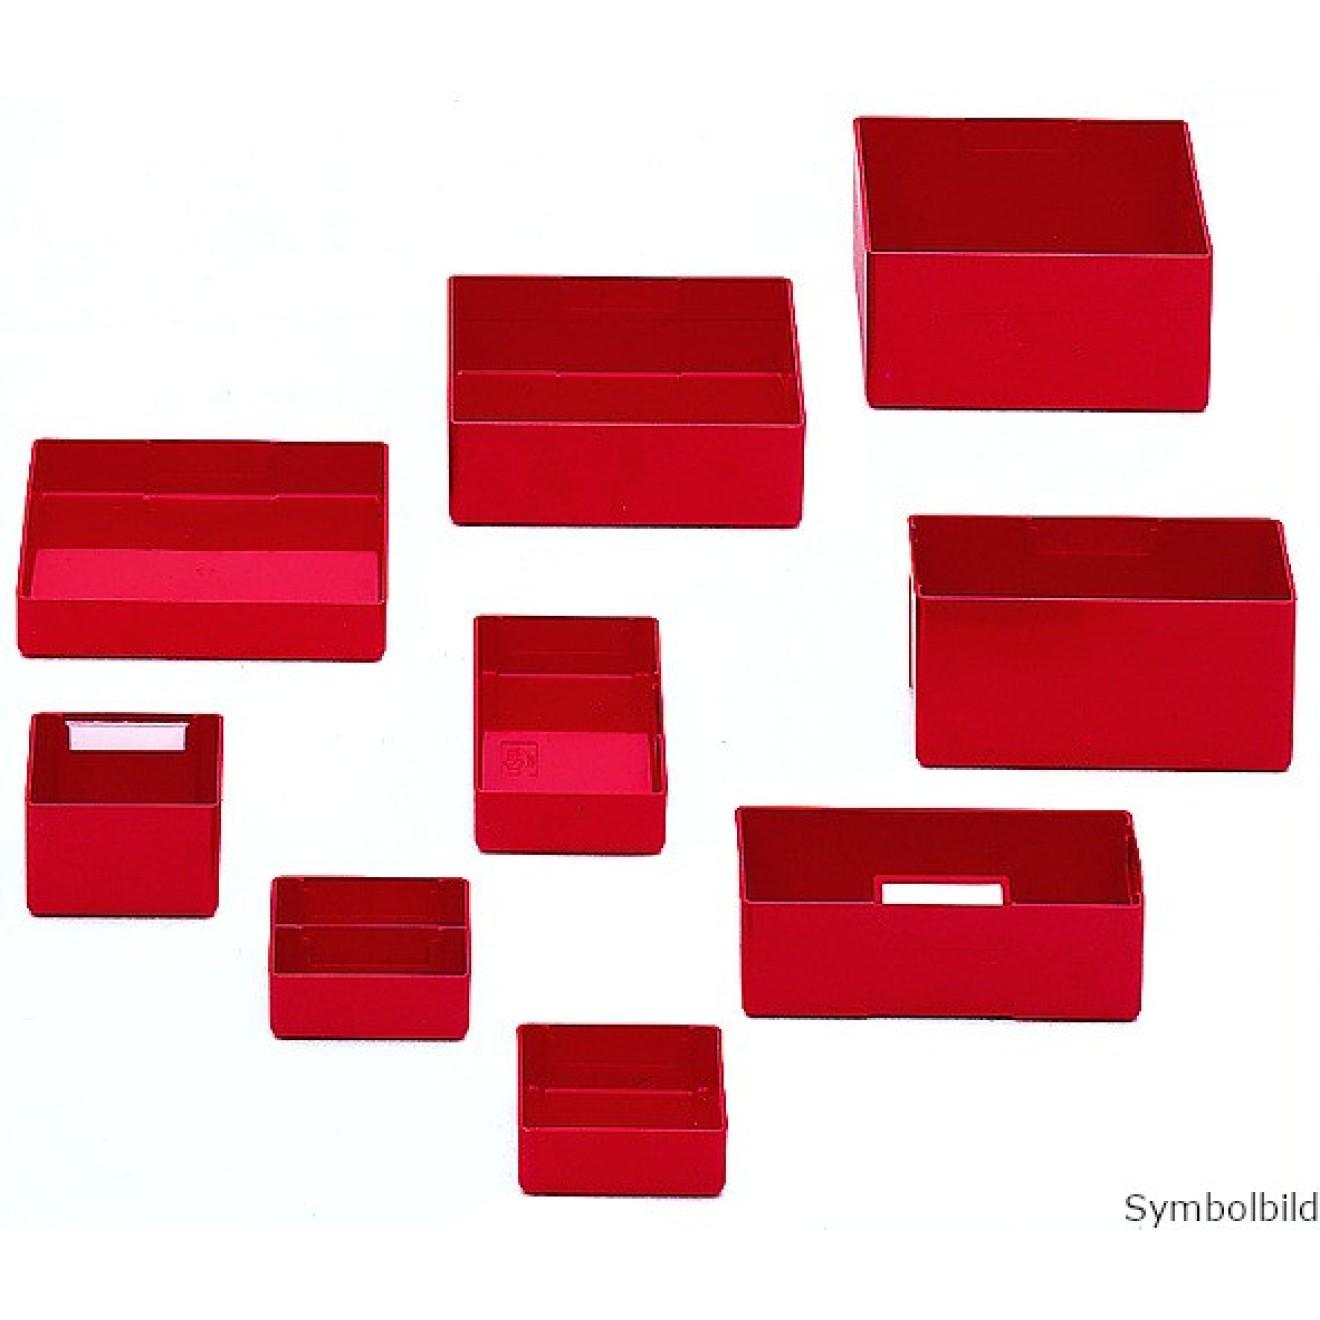 Einsatzk sten lista gr sse 50 x 100 x 46 mm ve 1 st ck for Wohnzimmertisch 100 x 50